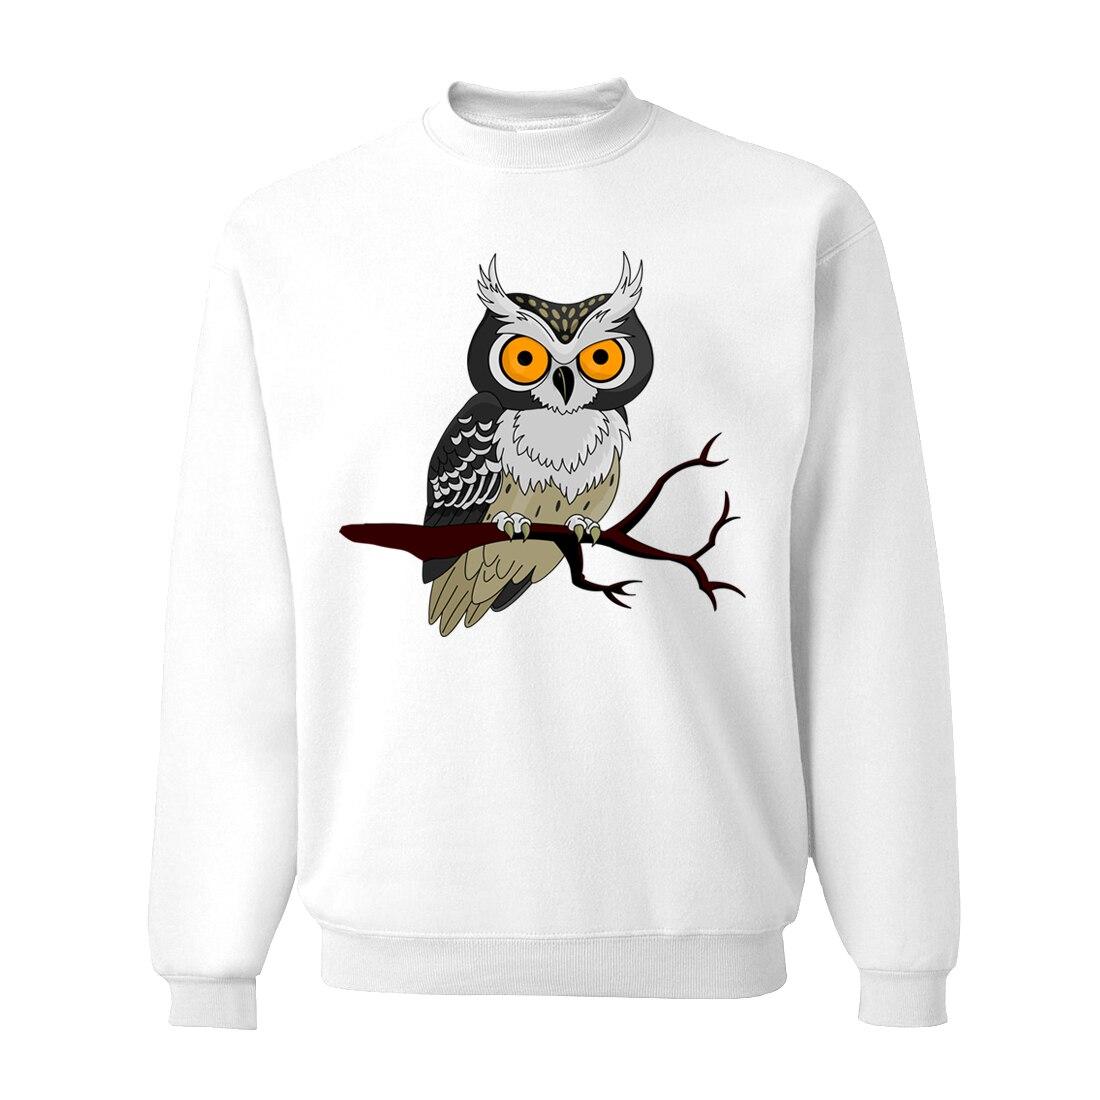 Owl Sweatshirts Hoodies Men Spring Animal Hoodie Sweatshirt 2019 Hot Mens Harajuku Hoodies Black Gray White Blue Streetwear CM01